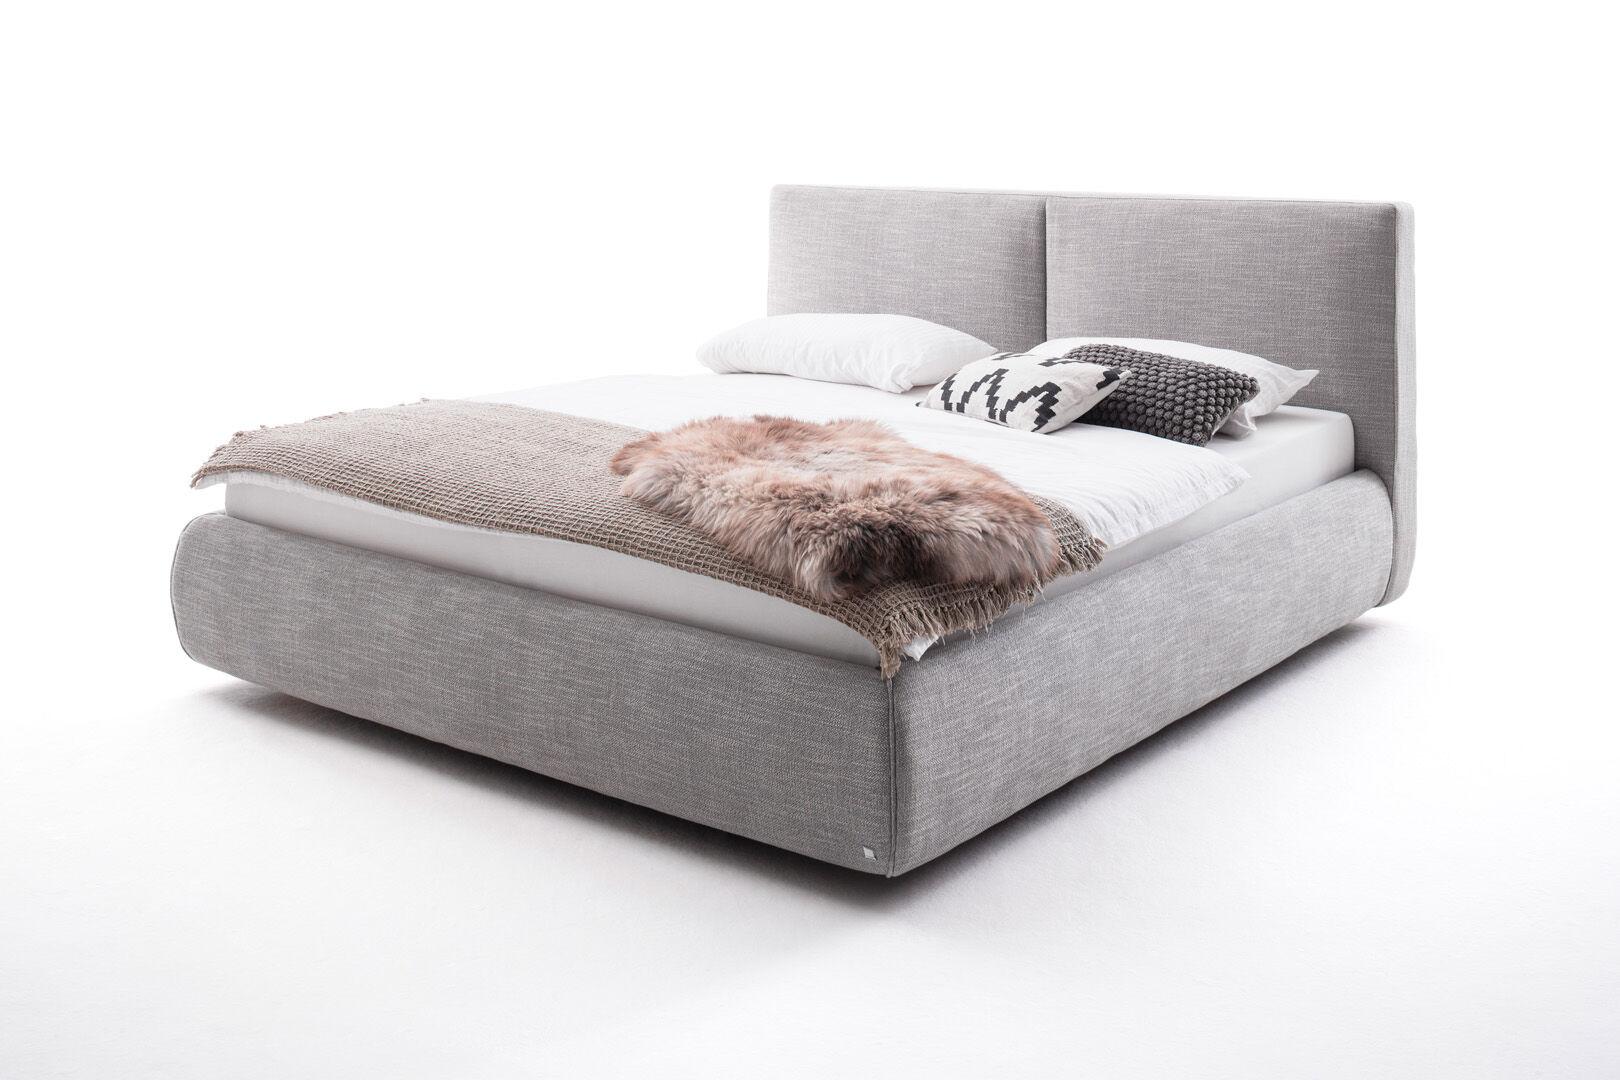 Atesio seng polstret inkl. madras Toscana 180 cm med opbevaring. Lysegrå 1 X Toscana H2 madras op til 80 kg. & 1 X Toscana H3 madras op til 120 kg.